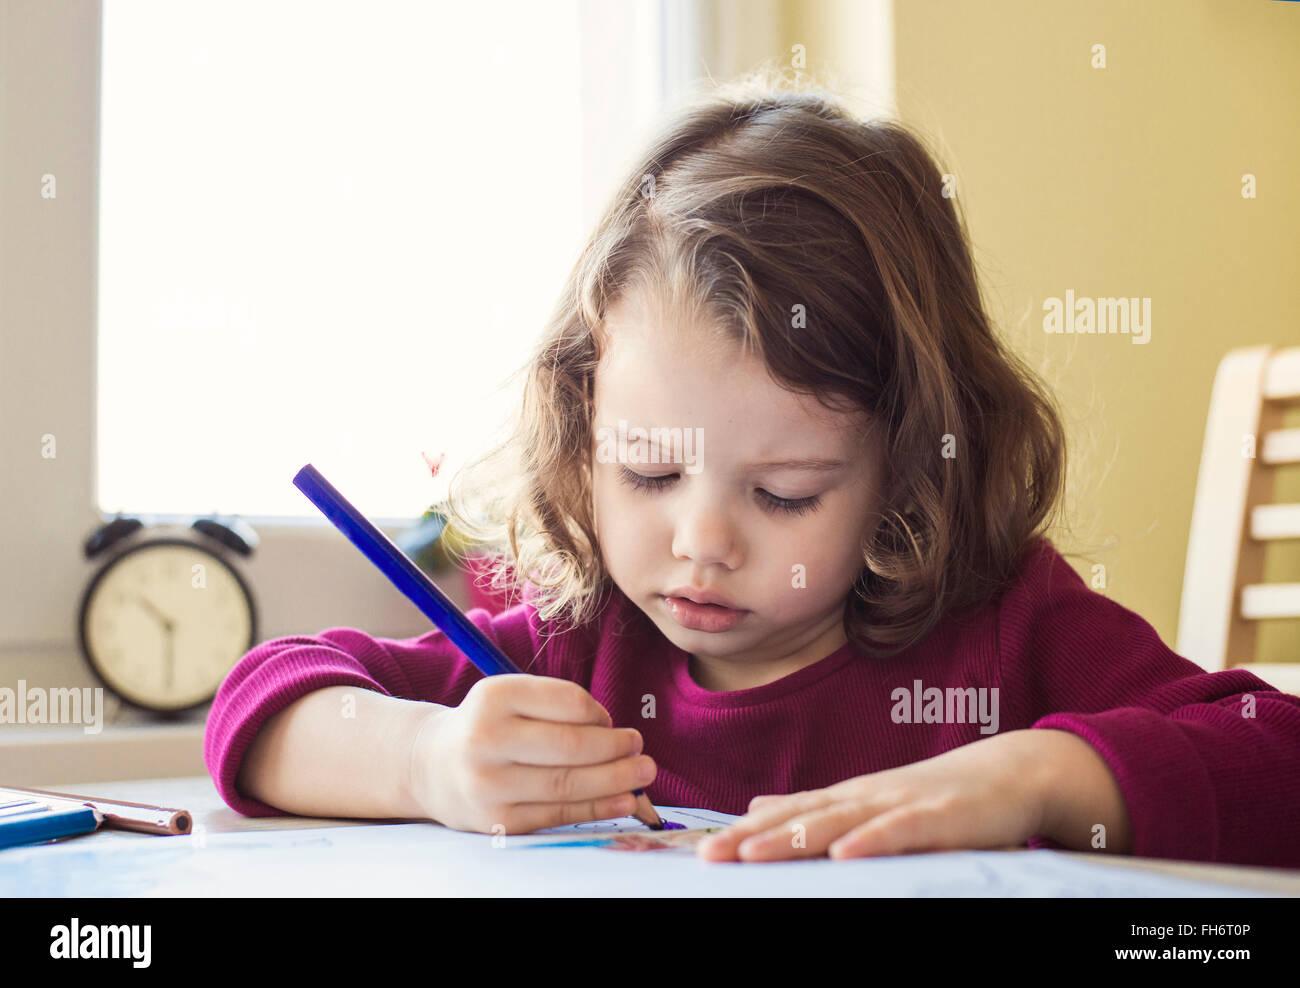 Porträt von kleinen Mädchen mit Farbstift malen Stockbild